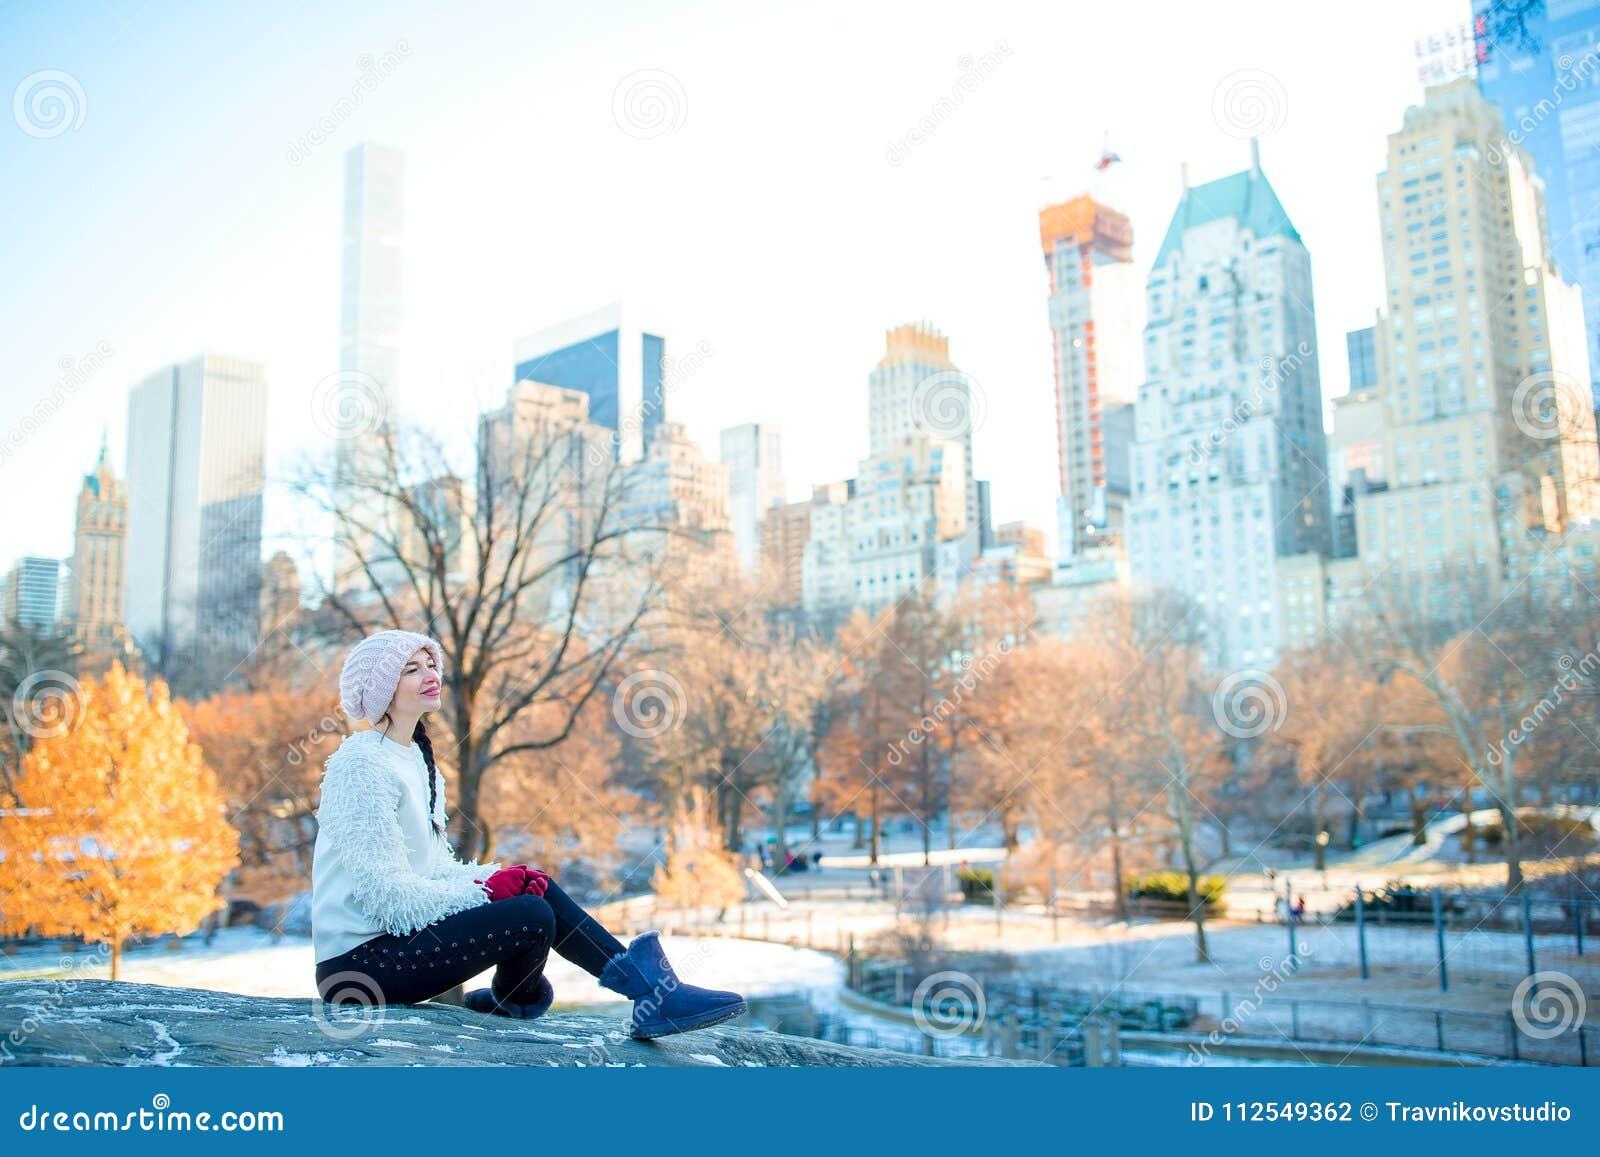 Schönheit genießen die Ansicht der Eisbahn im Central Park und in den Wolkenkratzern auf Manhattan in New York City